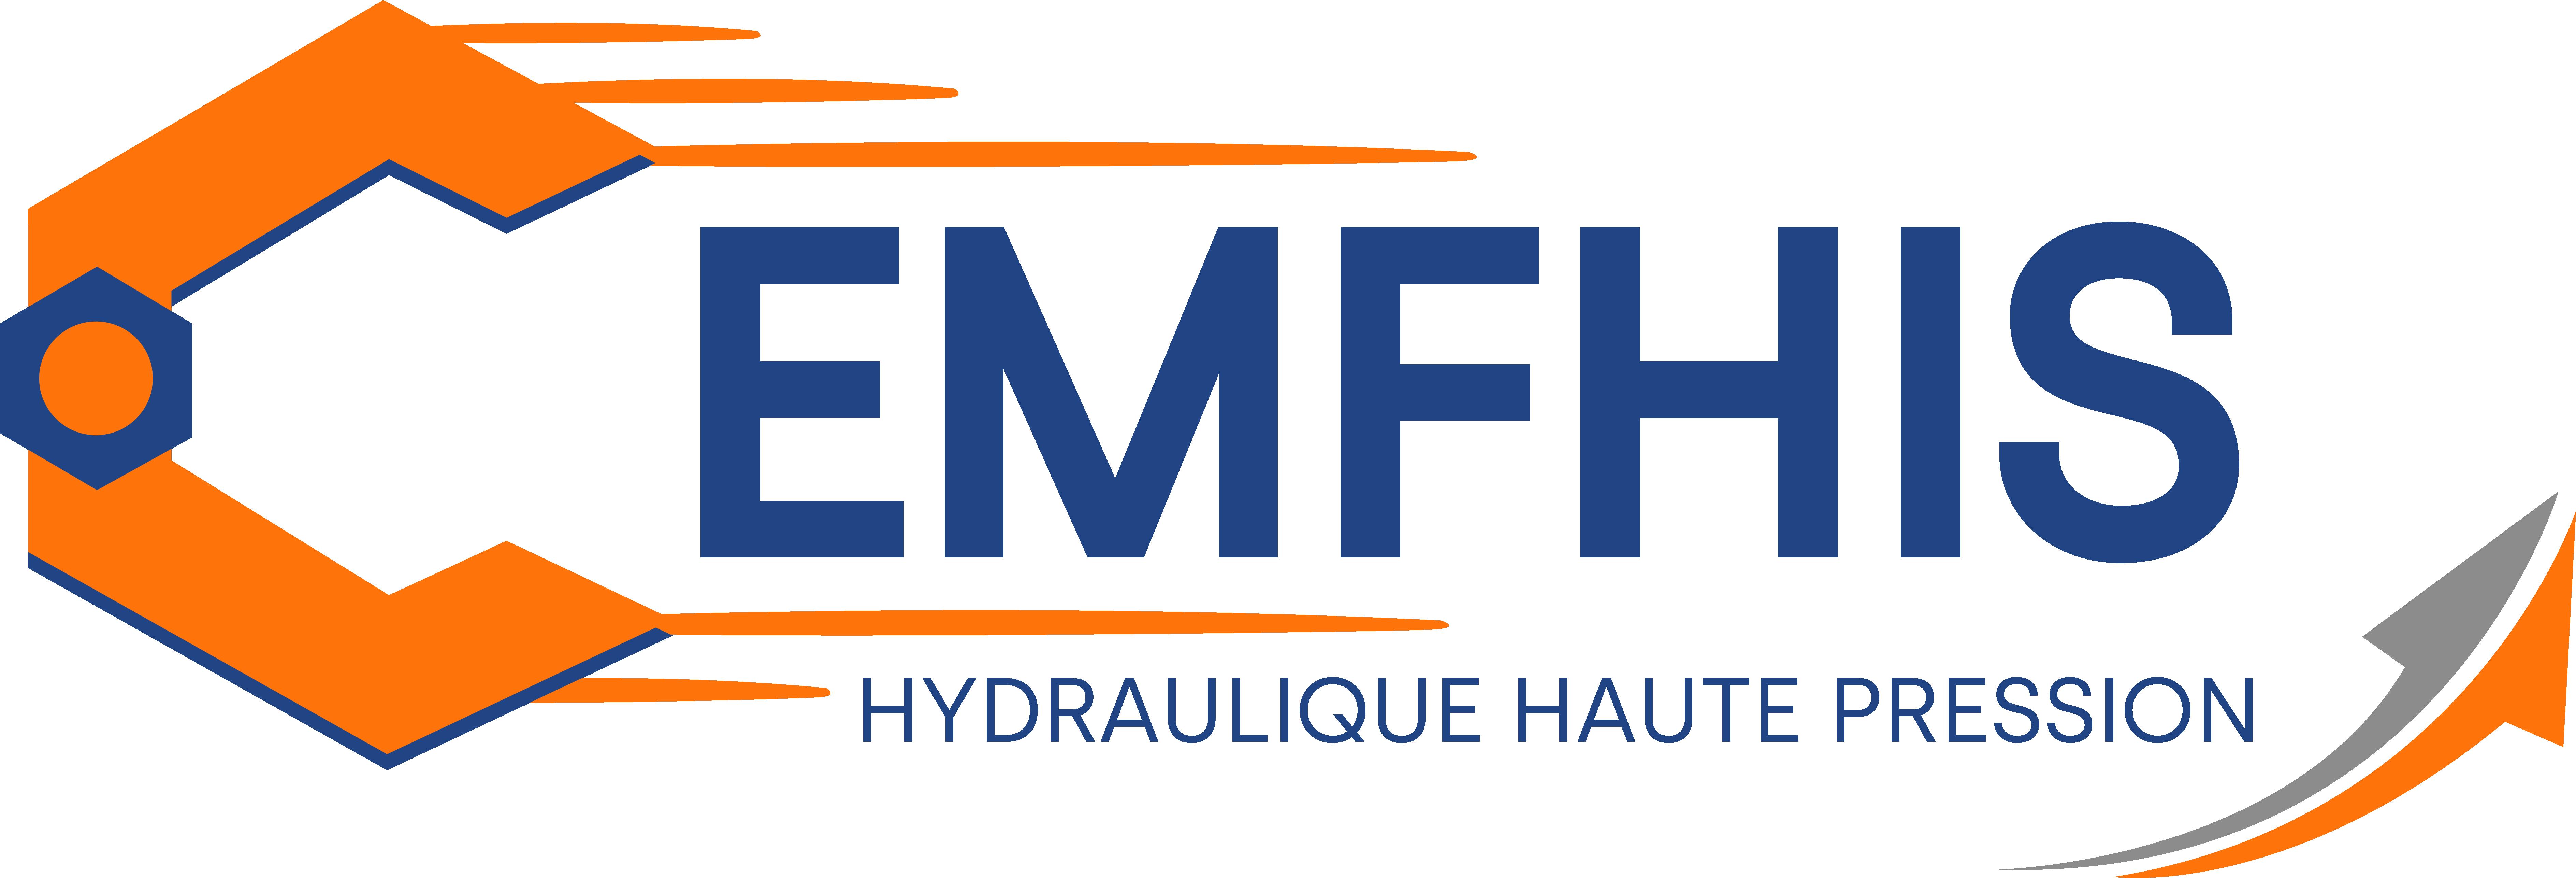 CEMFHIS - Conseil, Etude, Maintenance, Formation, Hydraulique, Incendie et Secours